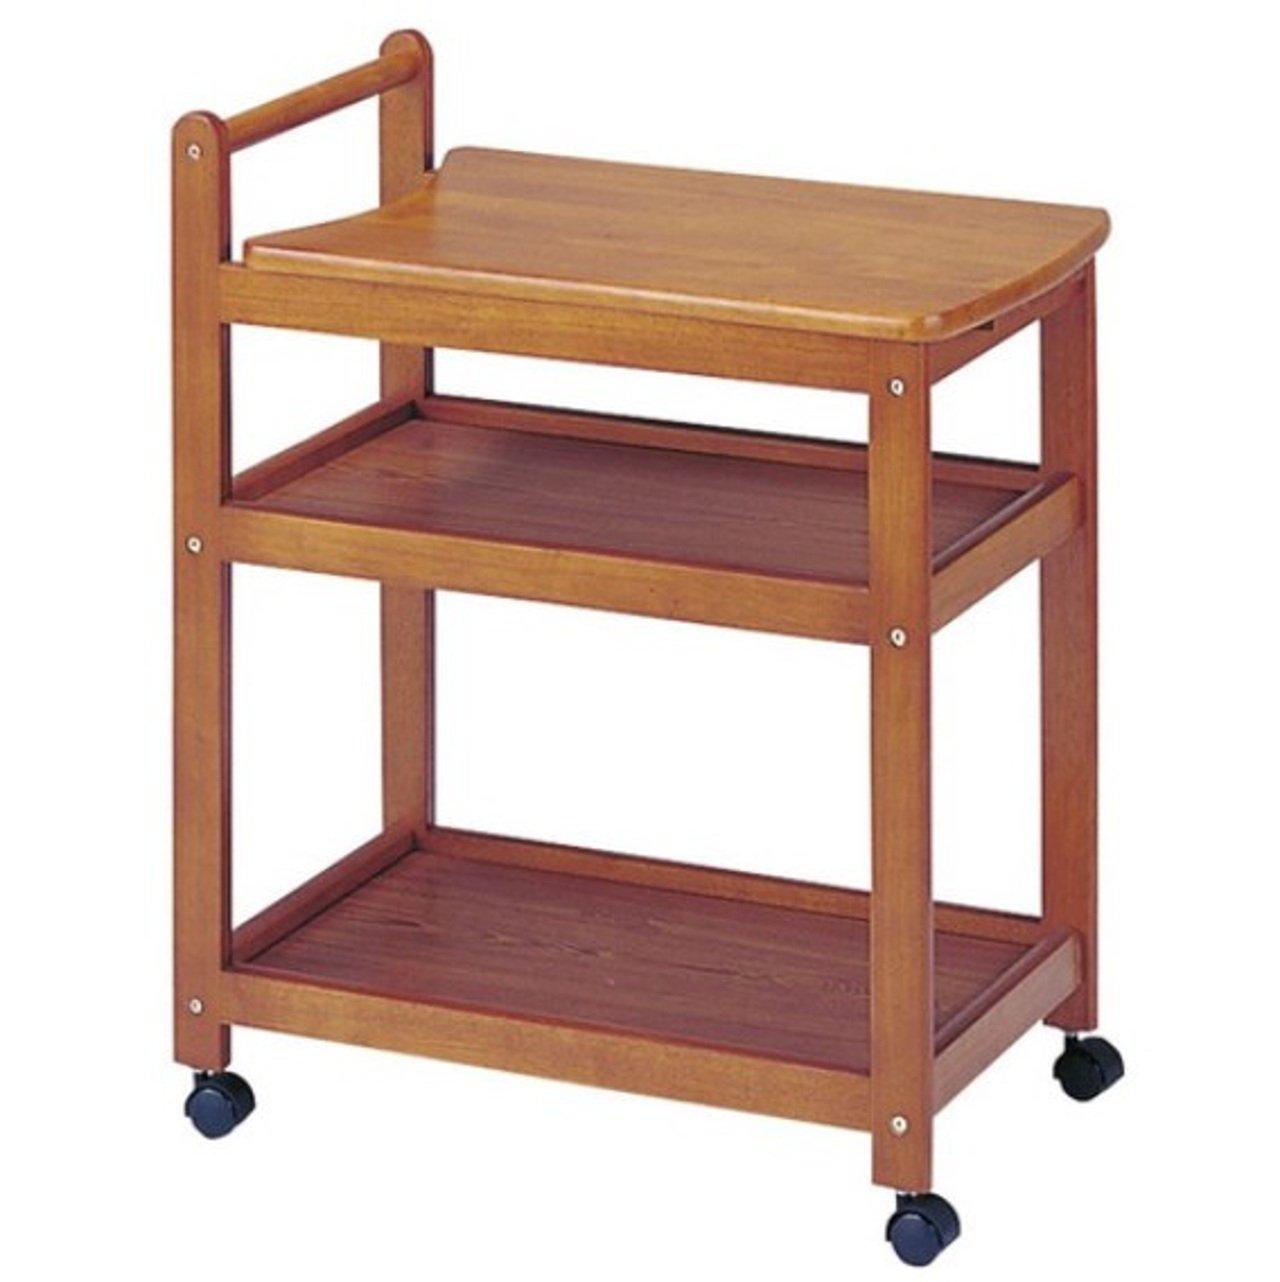 AHEART 木製キッチンワゴン 3段 キャスター付き 収納 スライド ポット台 SI 66 ブラウン B07BJ4TG38  ブラウン